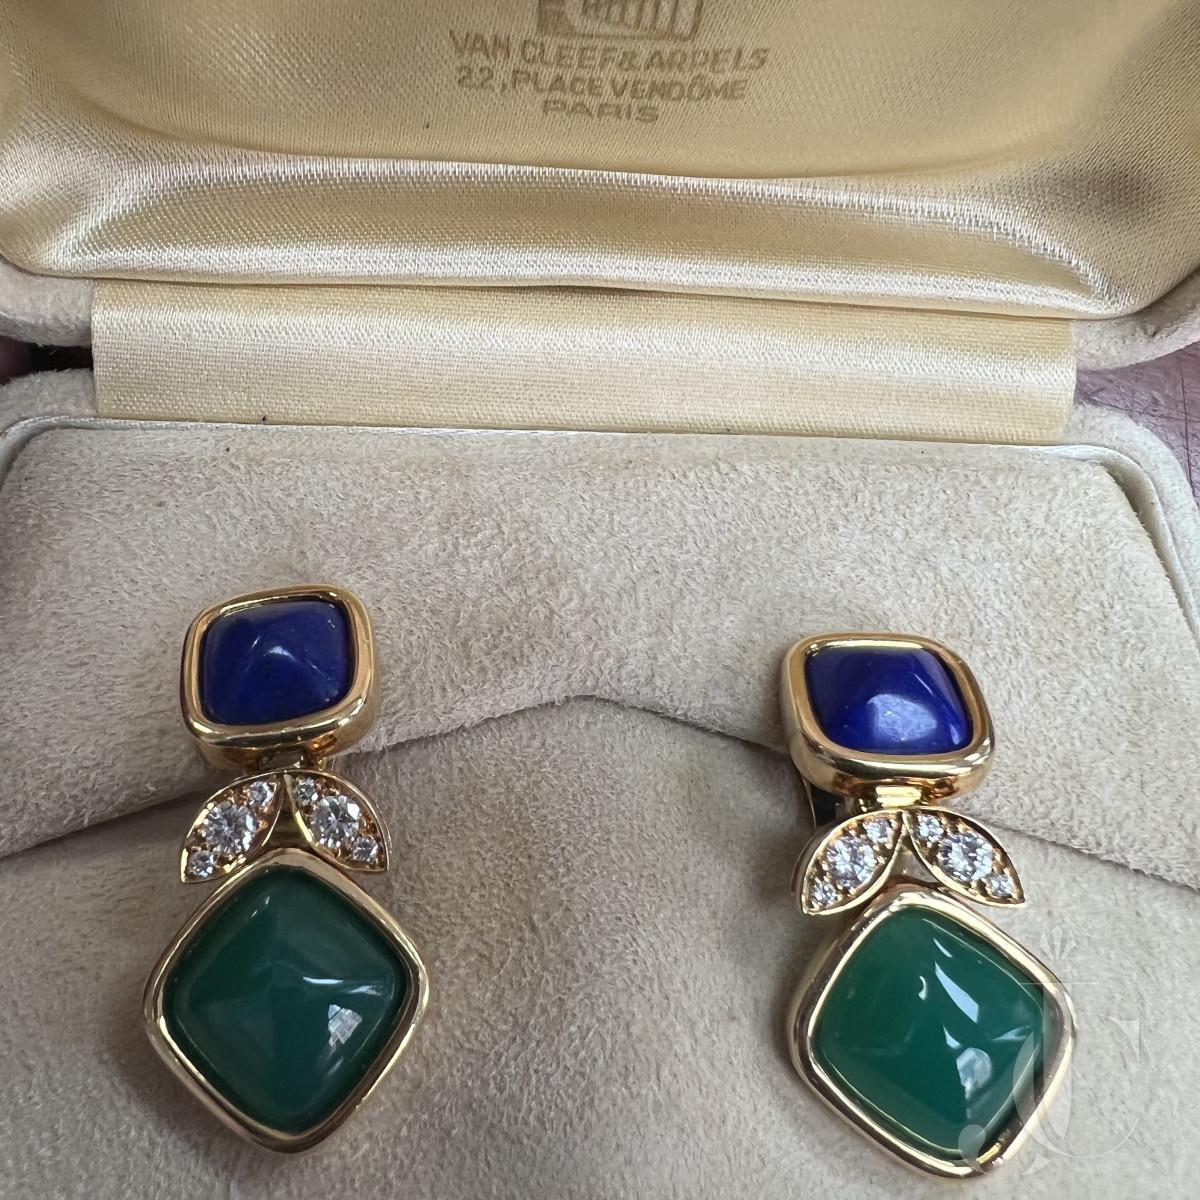 Van Cleef & Arpels Lapis, Chrysoprase and diamond Earrings